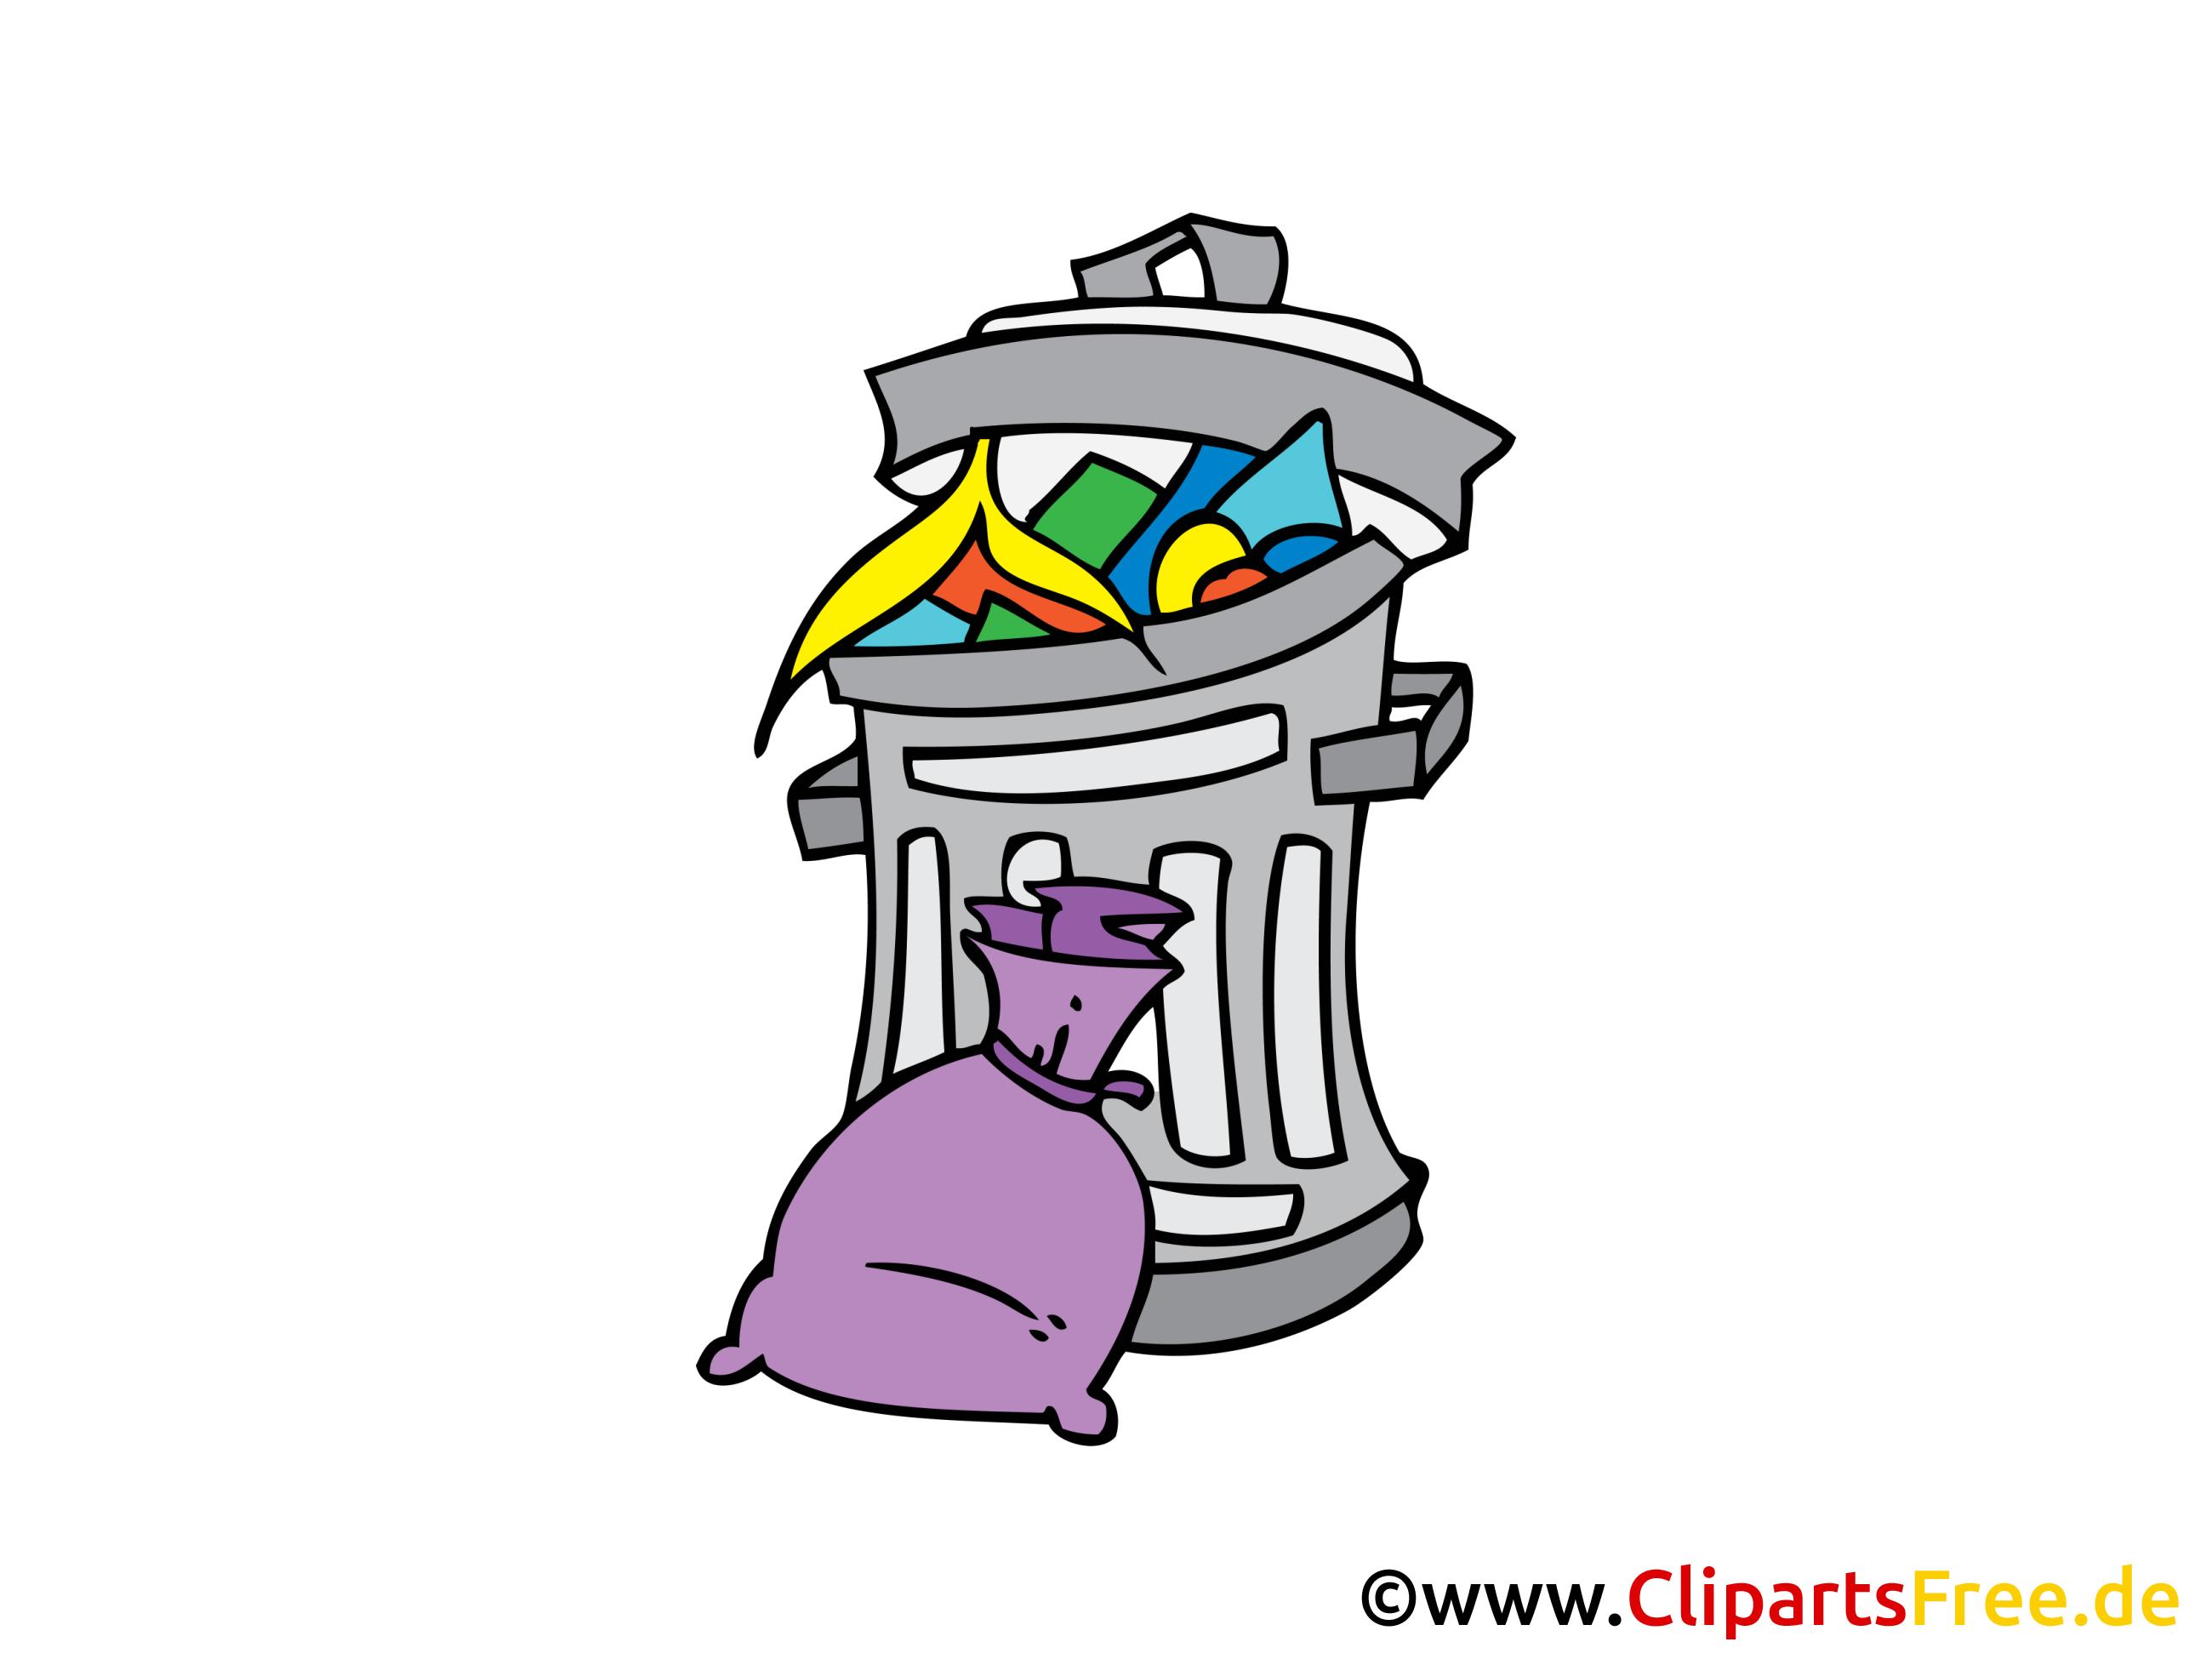 Poubelle dessins gratuits clipart gratuit objets dessin picture image graphic clip art - Dessin de poubelle ...